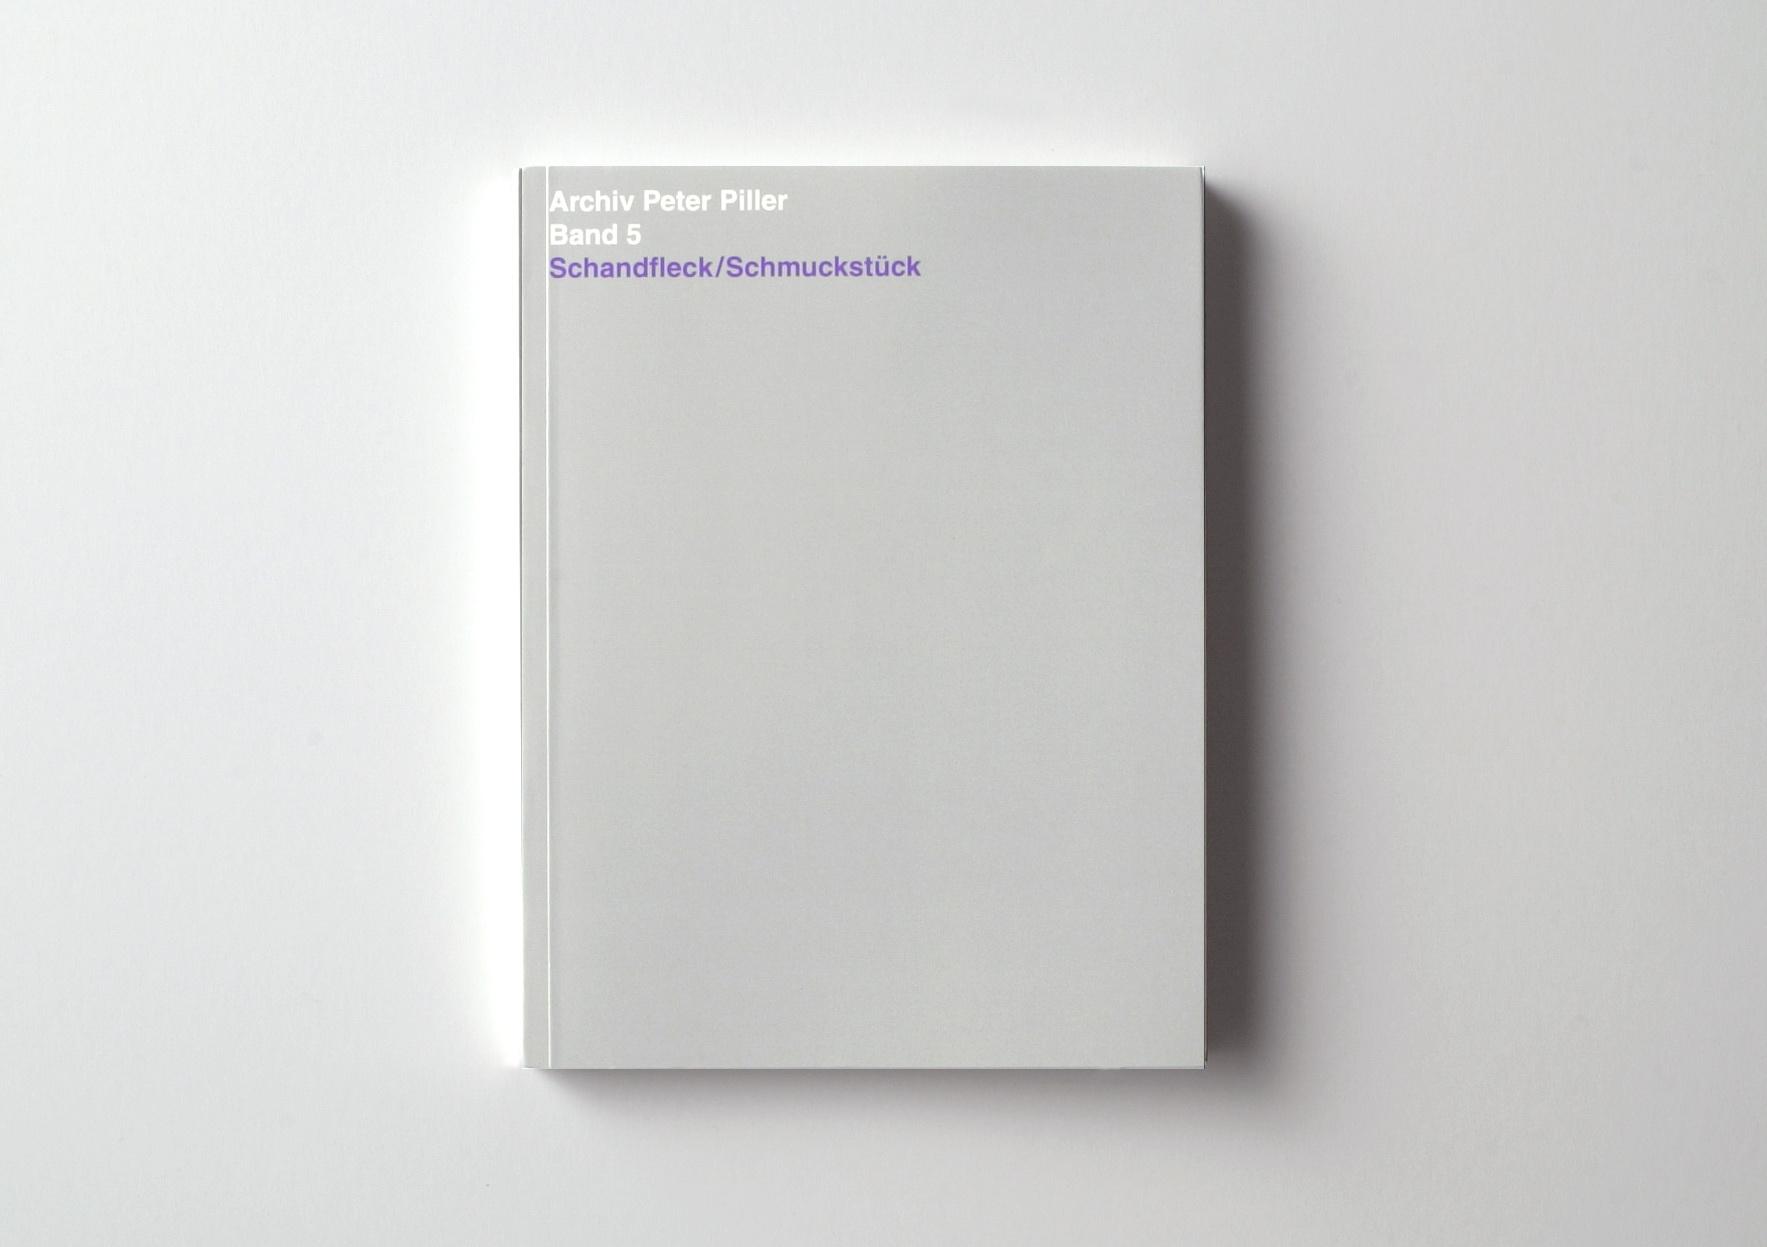 | Archiv Peter Piller Bd. 5: Schandfleck/Schmuckstück | ProjecteSD